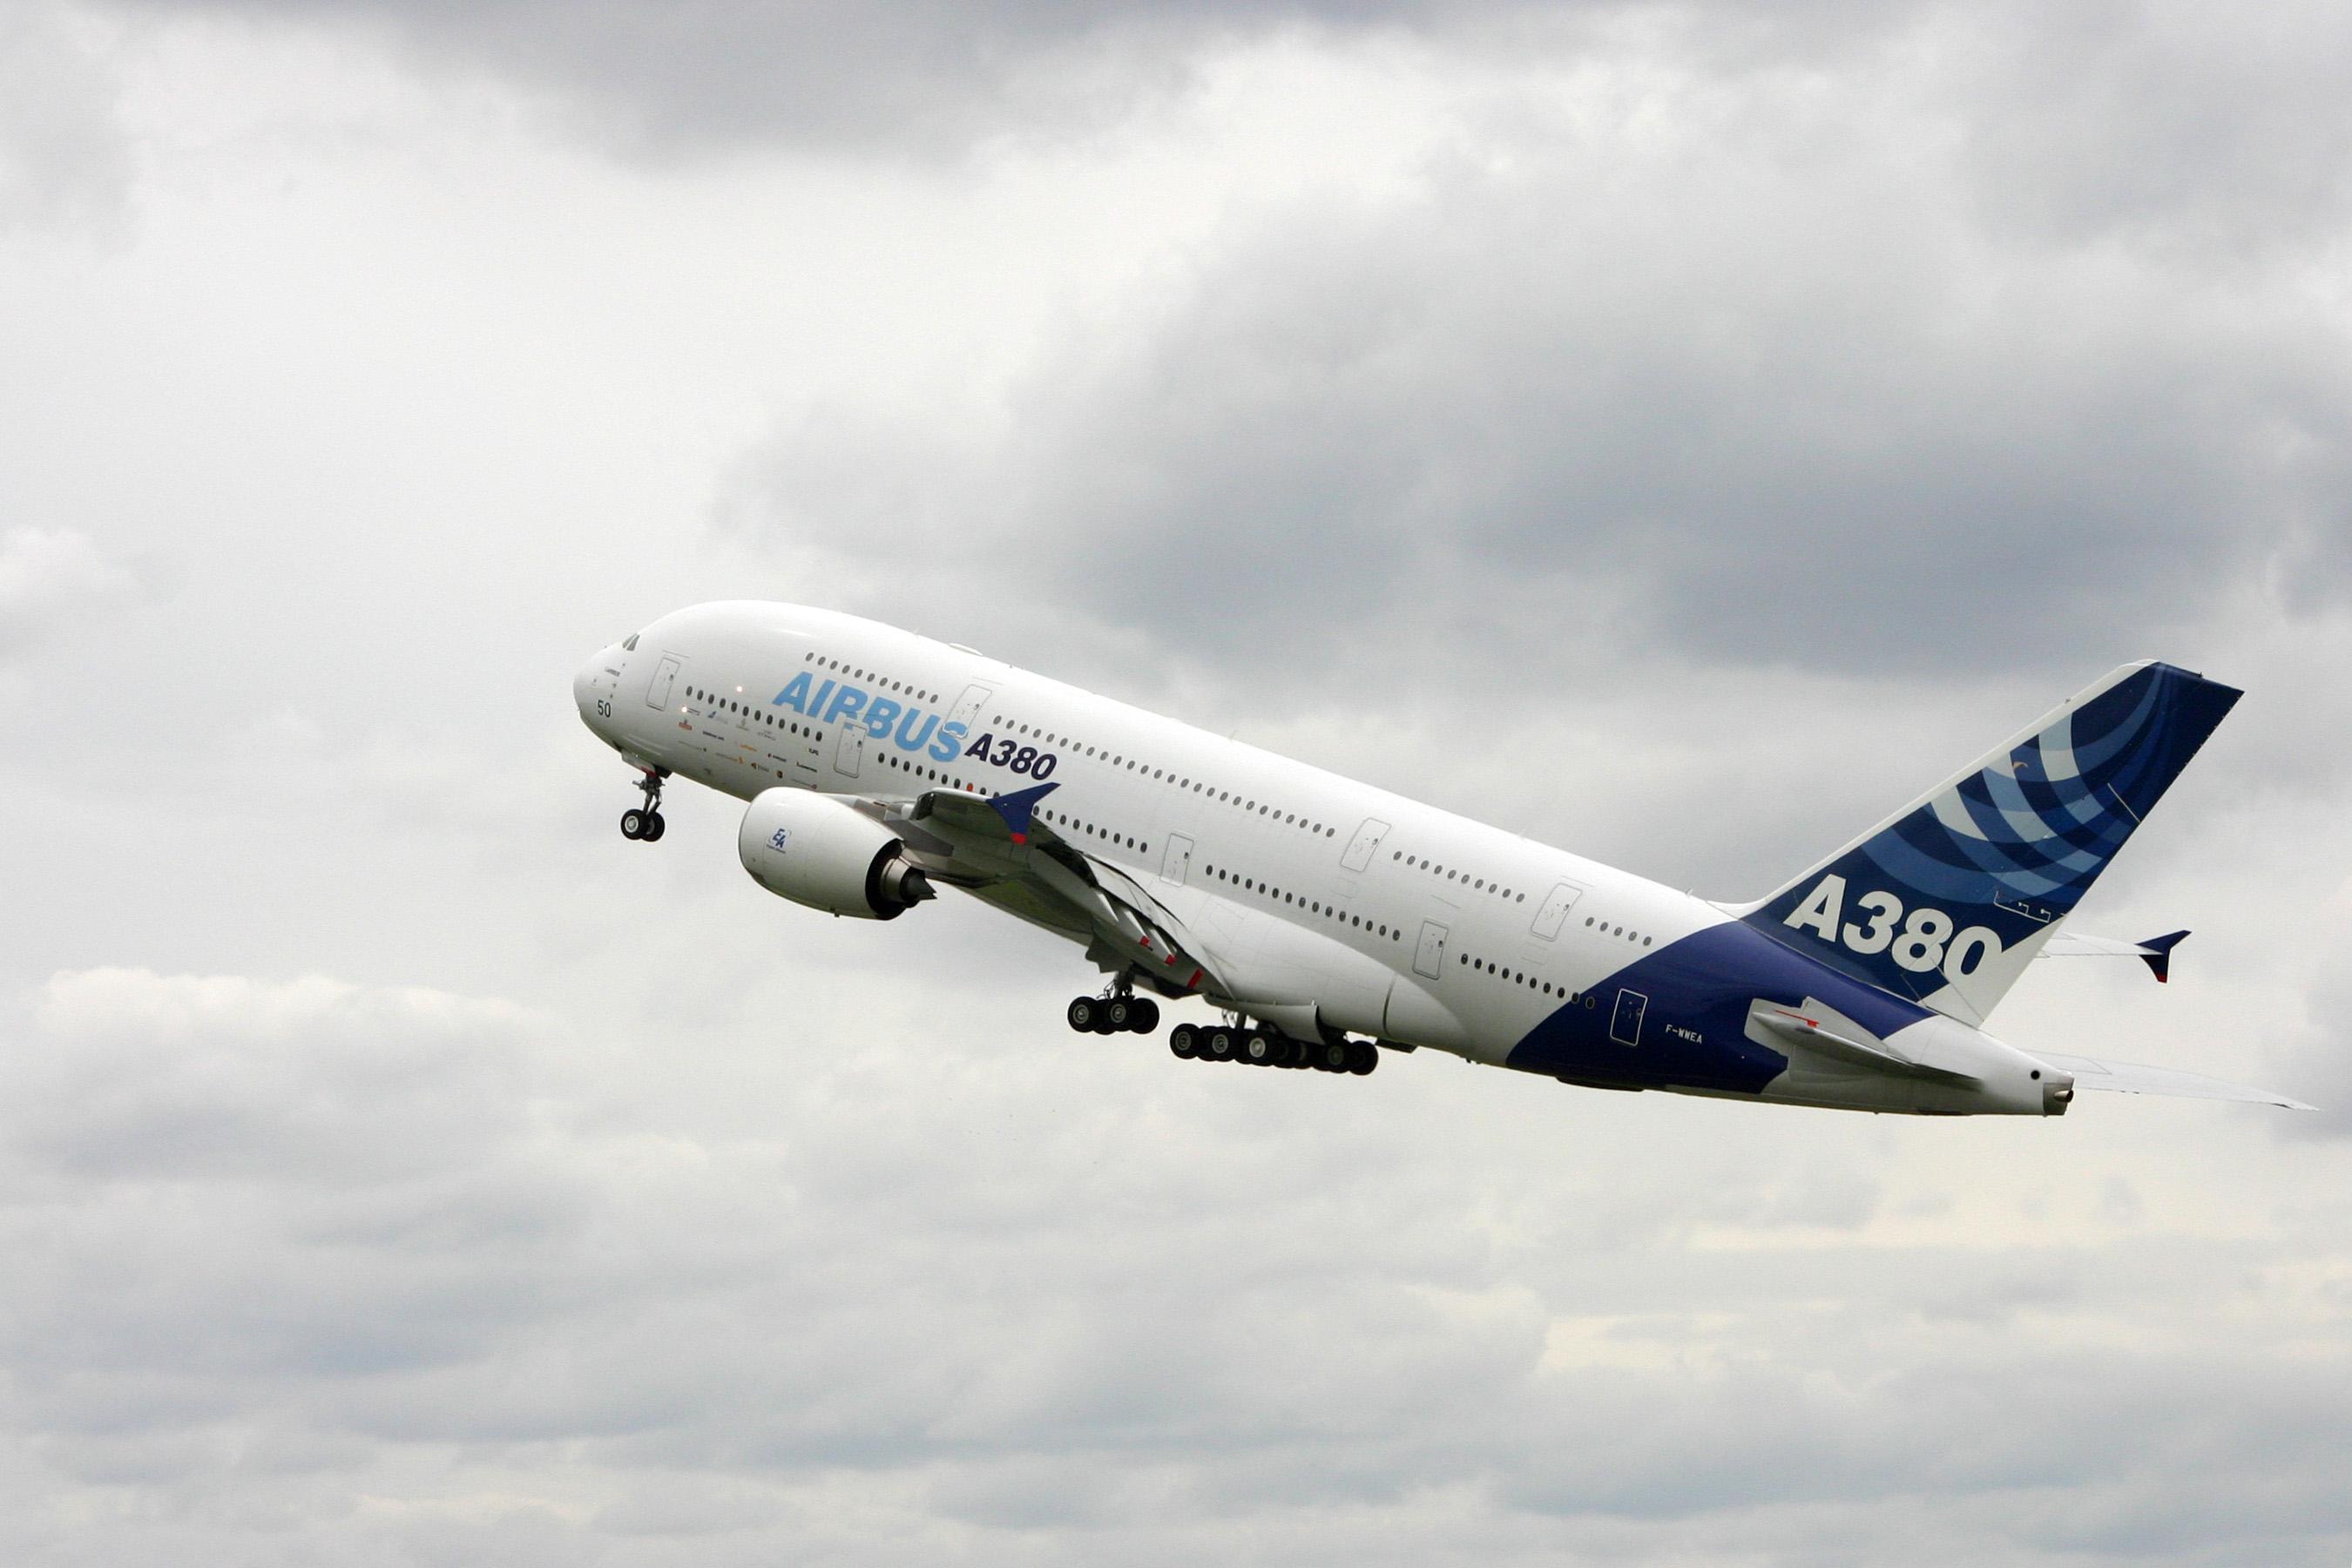 Décollage de l'A380